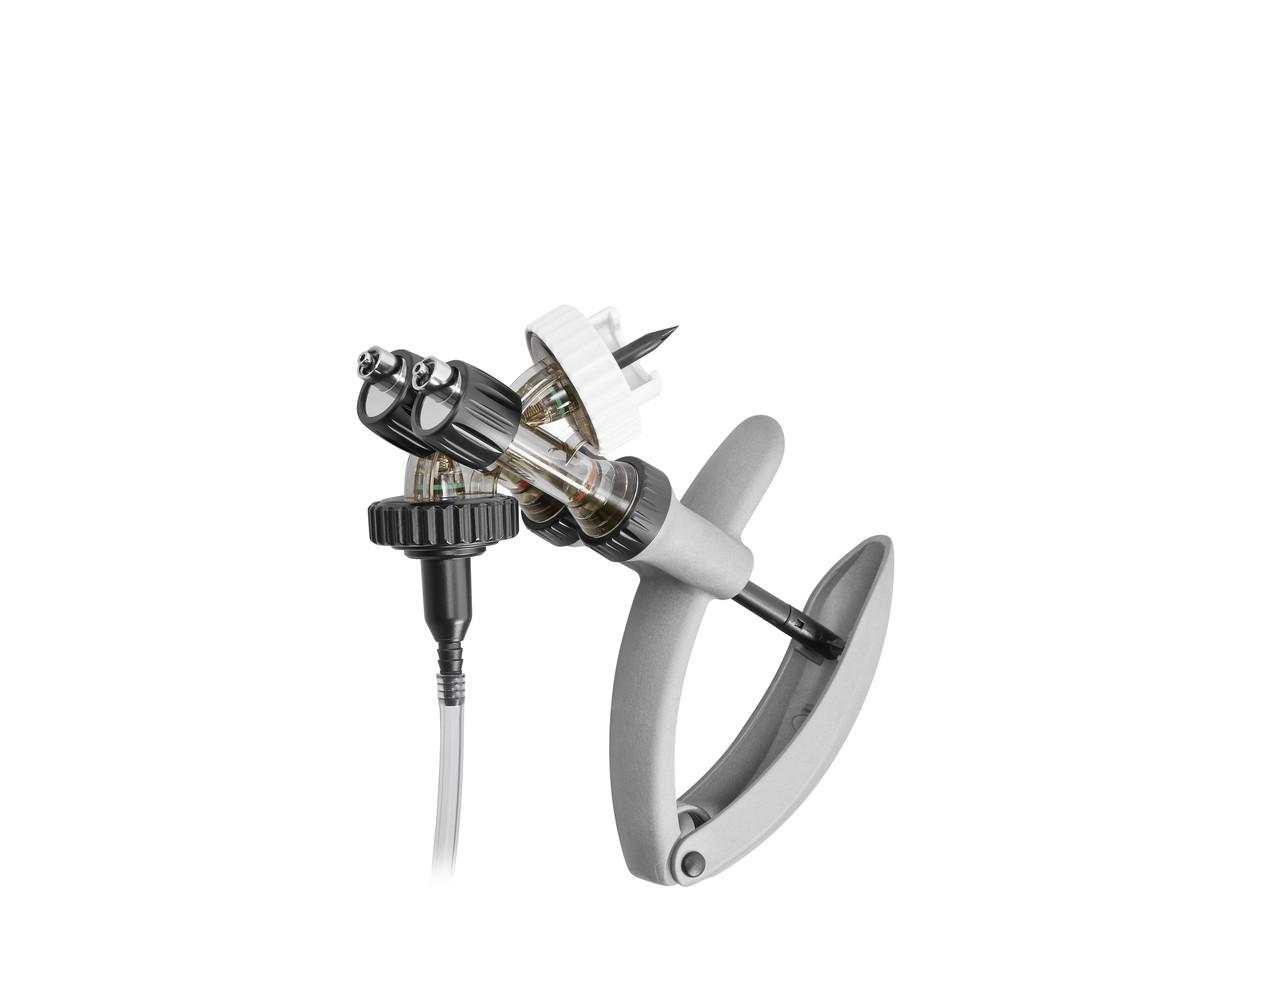 """Шприц-вакцинатор """"Эко-матик"""", емк. 0,5/0,5 мл, сдвоенный, универсальный, с держ. флакона и с трубкой, Хенке-Са"""